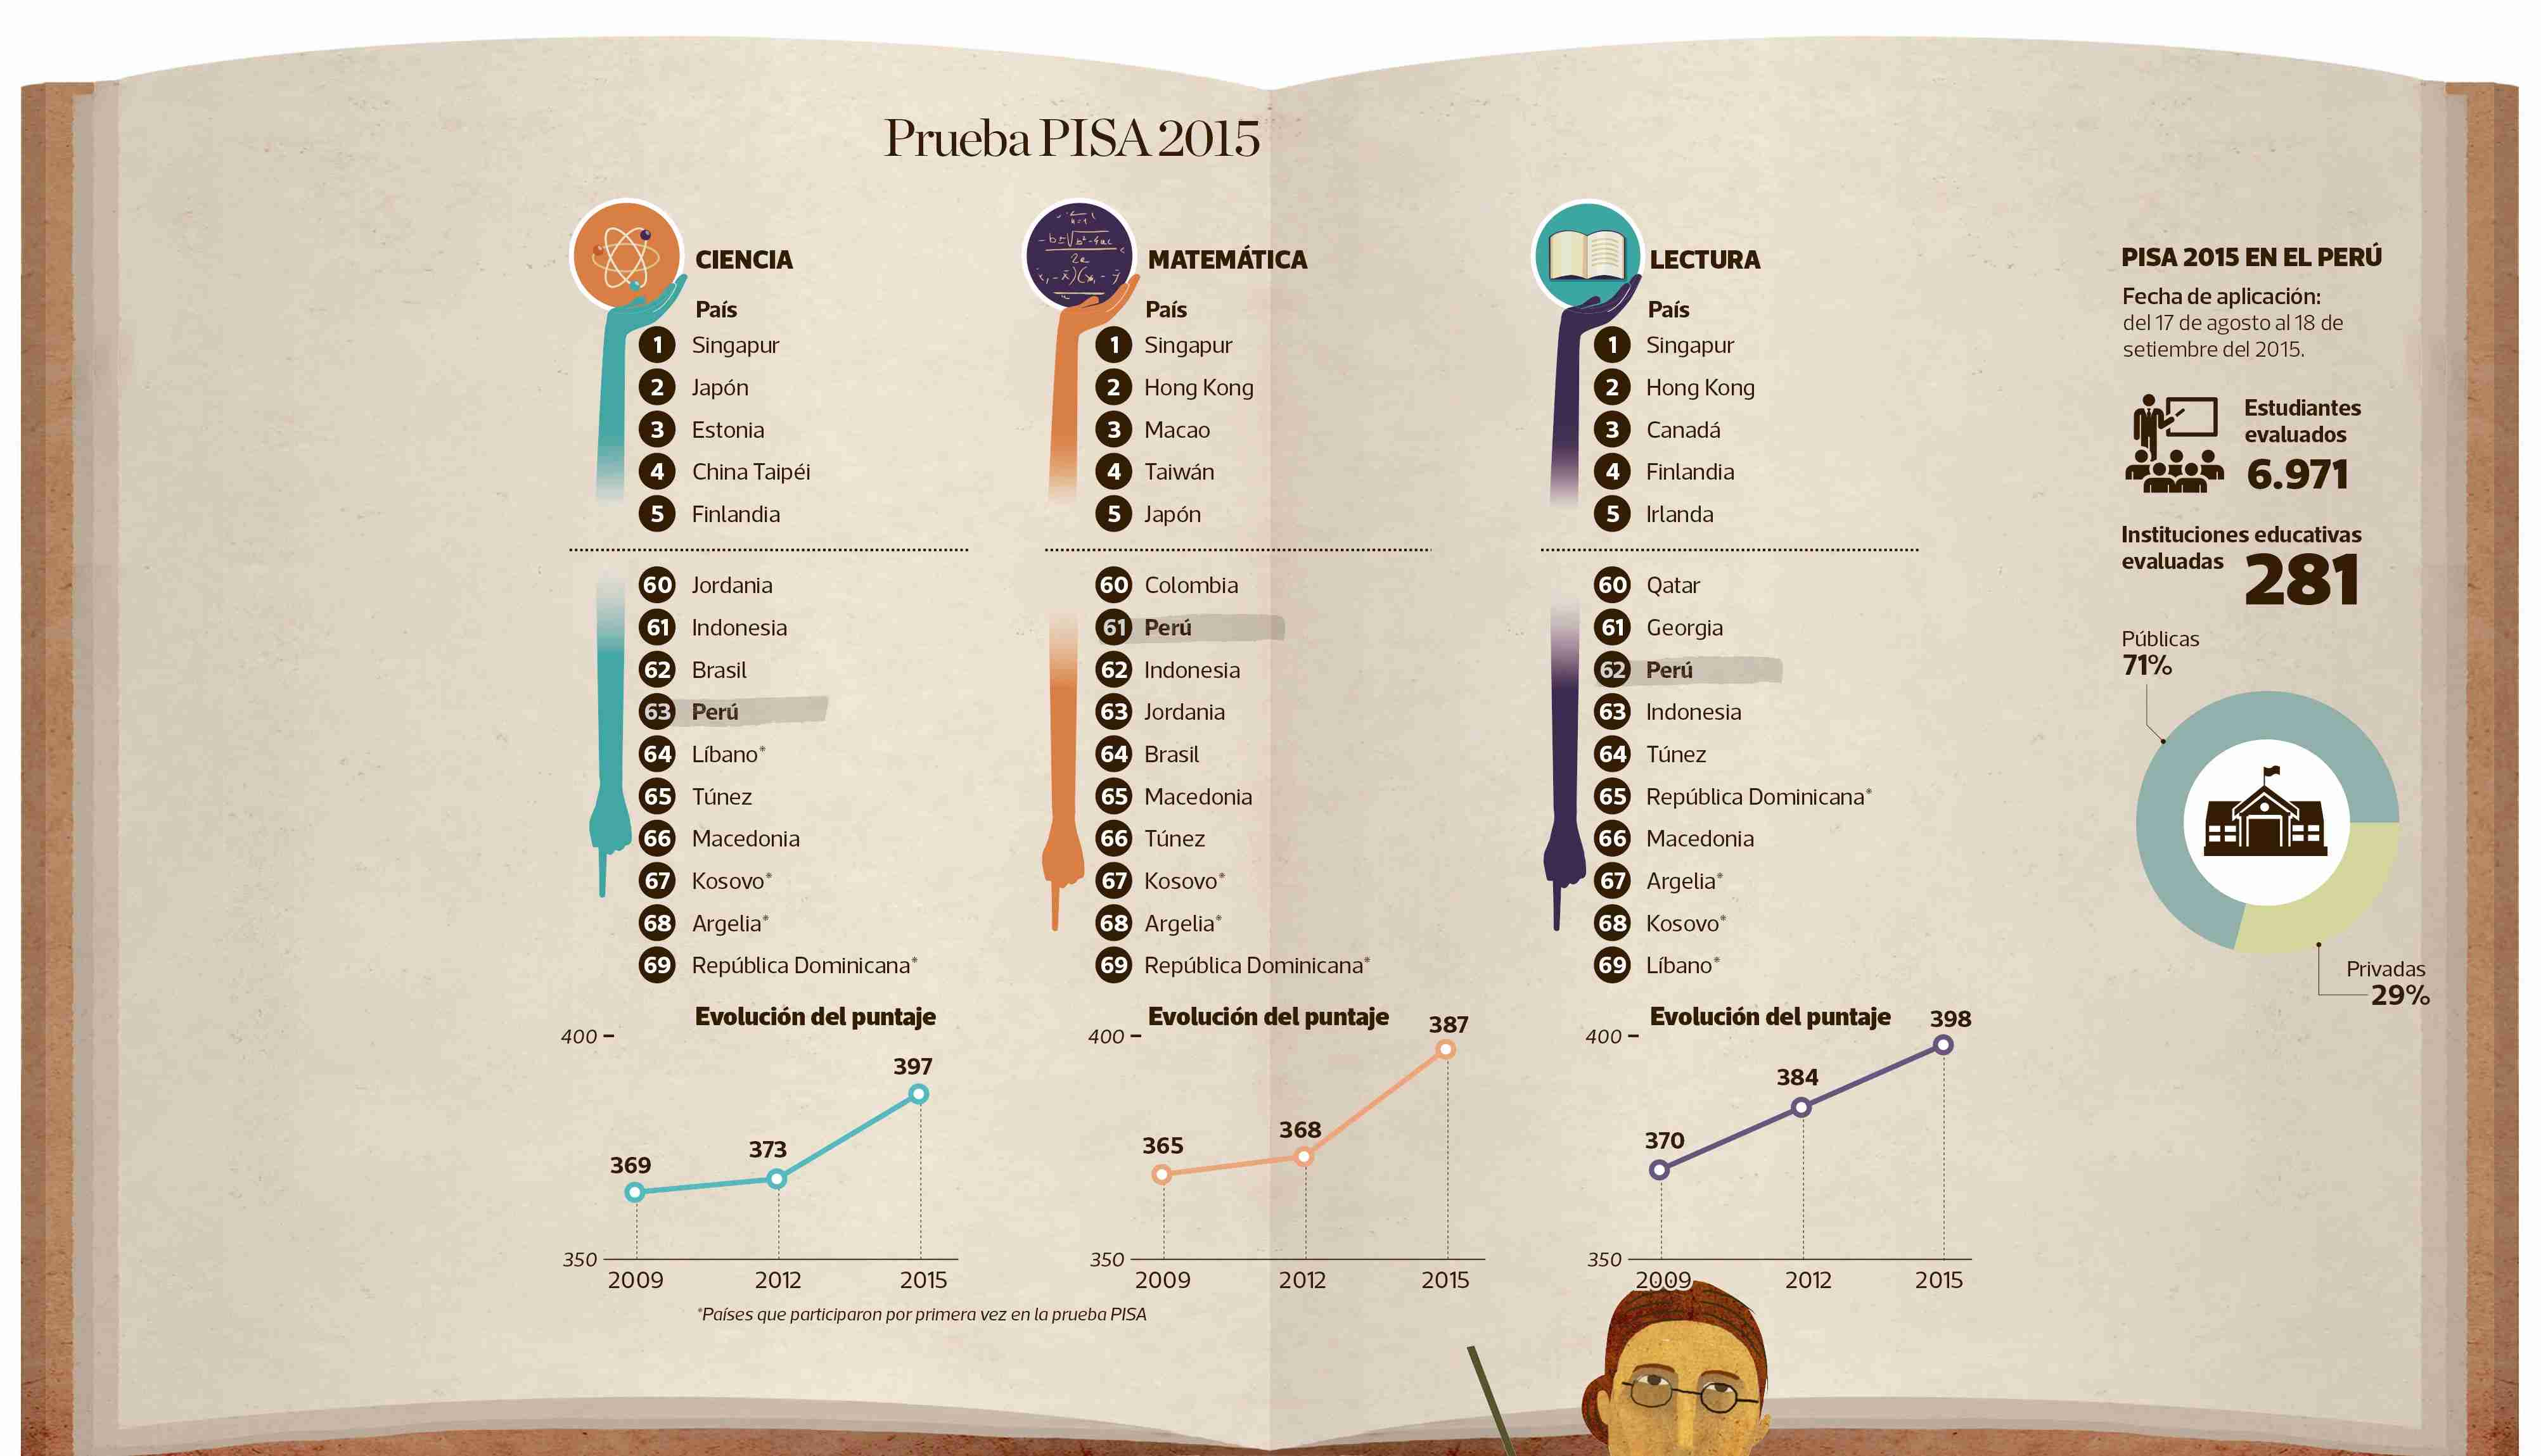 Estos son los resultados de la prueba PISA 2015. (Infografía: Sergio Fernández)